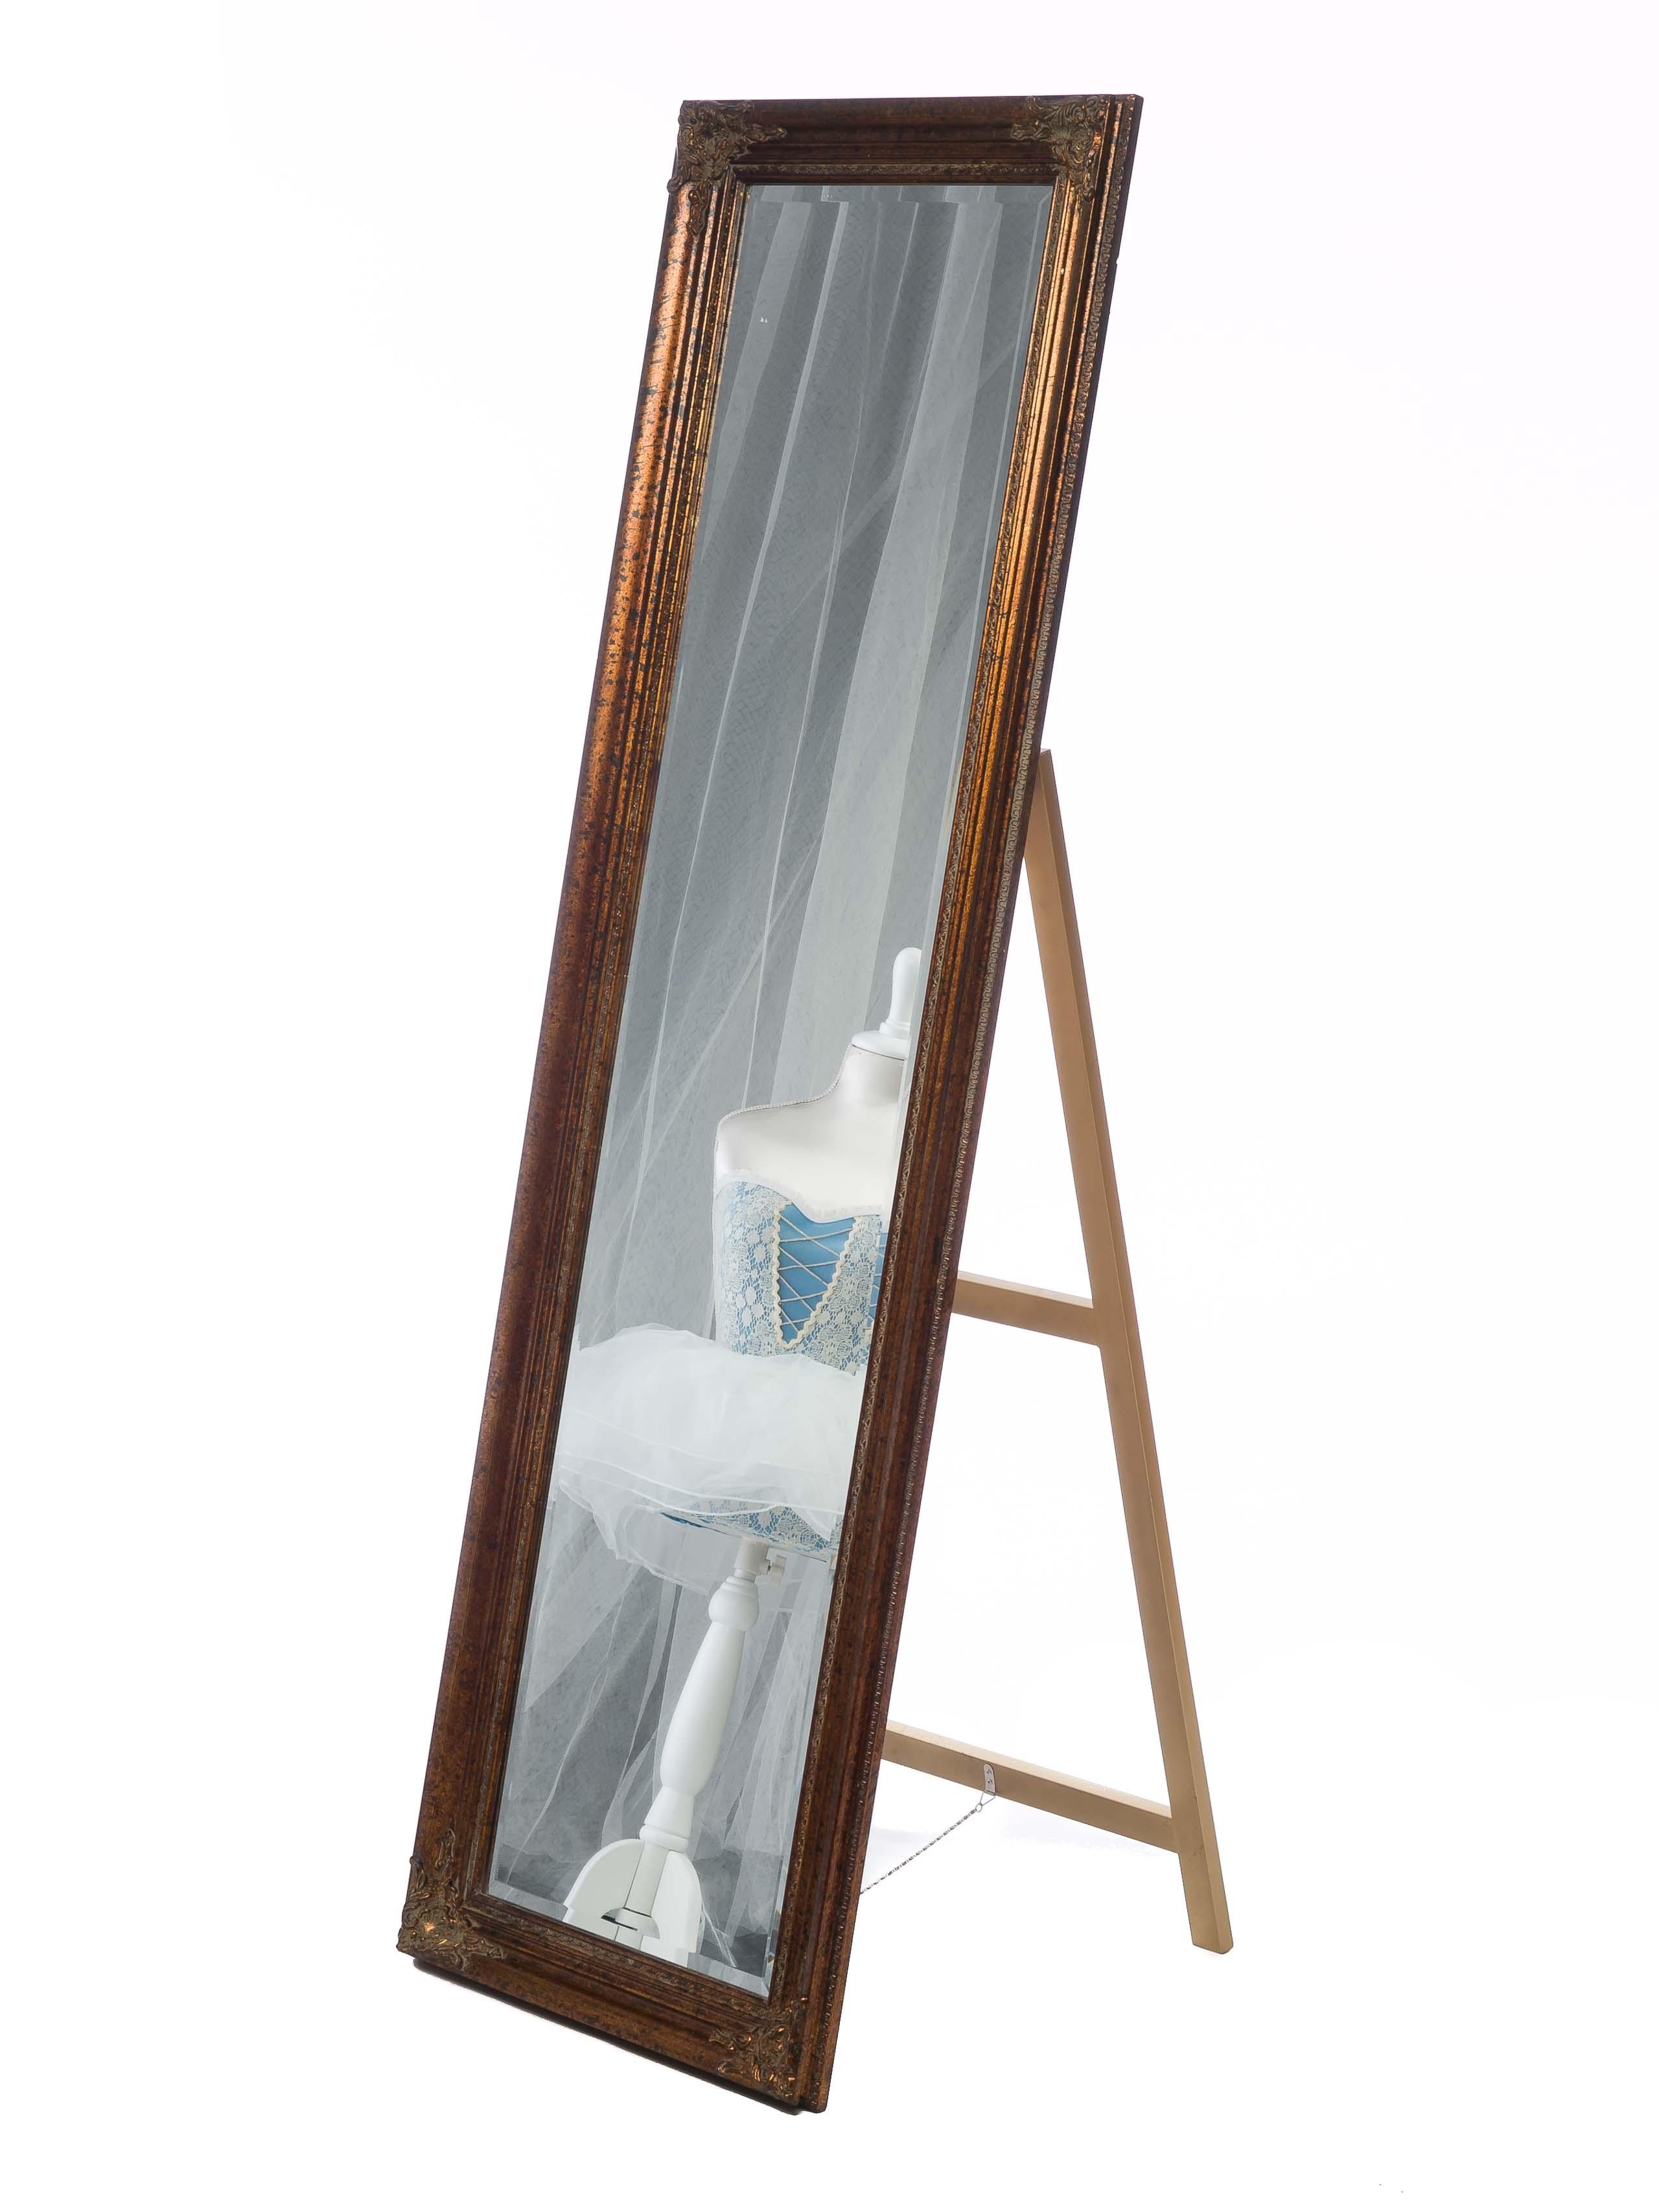 Spiegel Standspiegel Ankleidespiegel Farbe Gold Höhe 175cm Im Antik